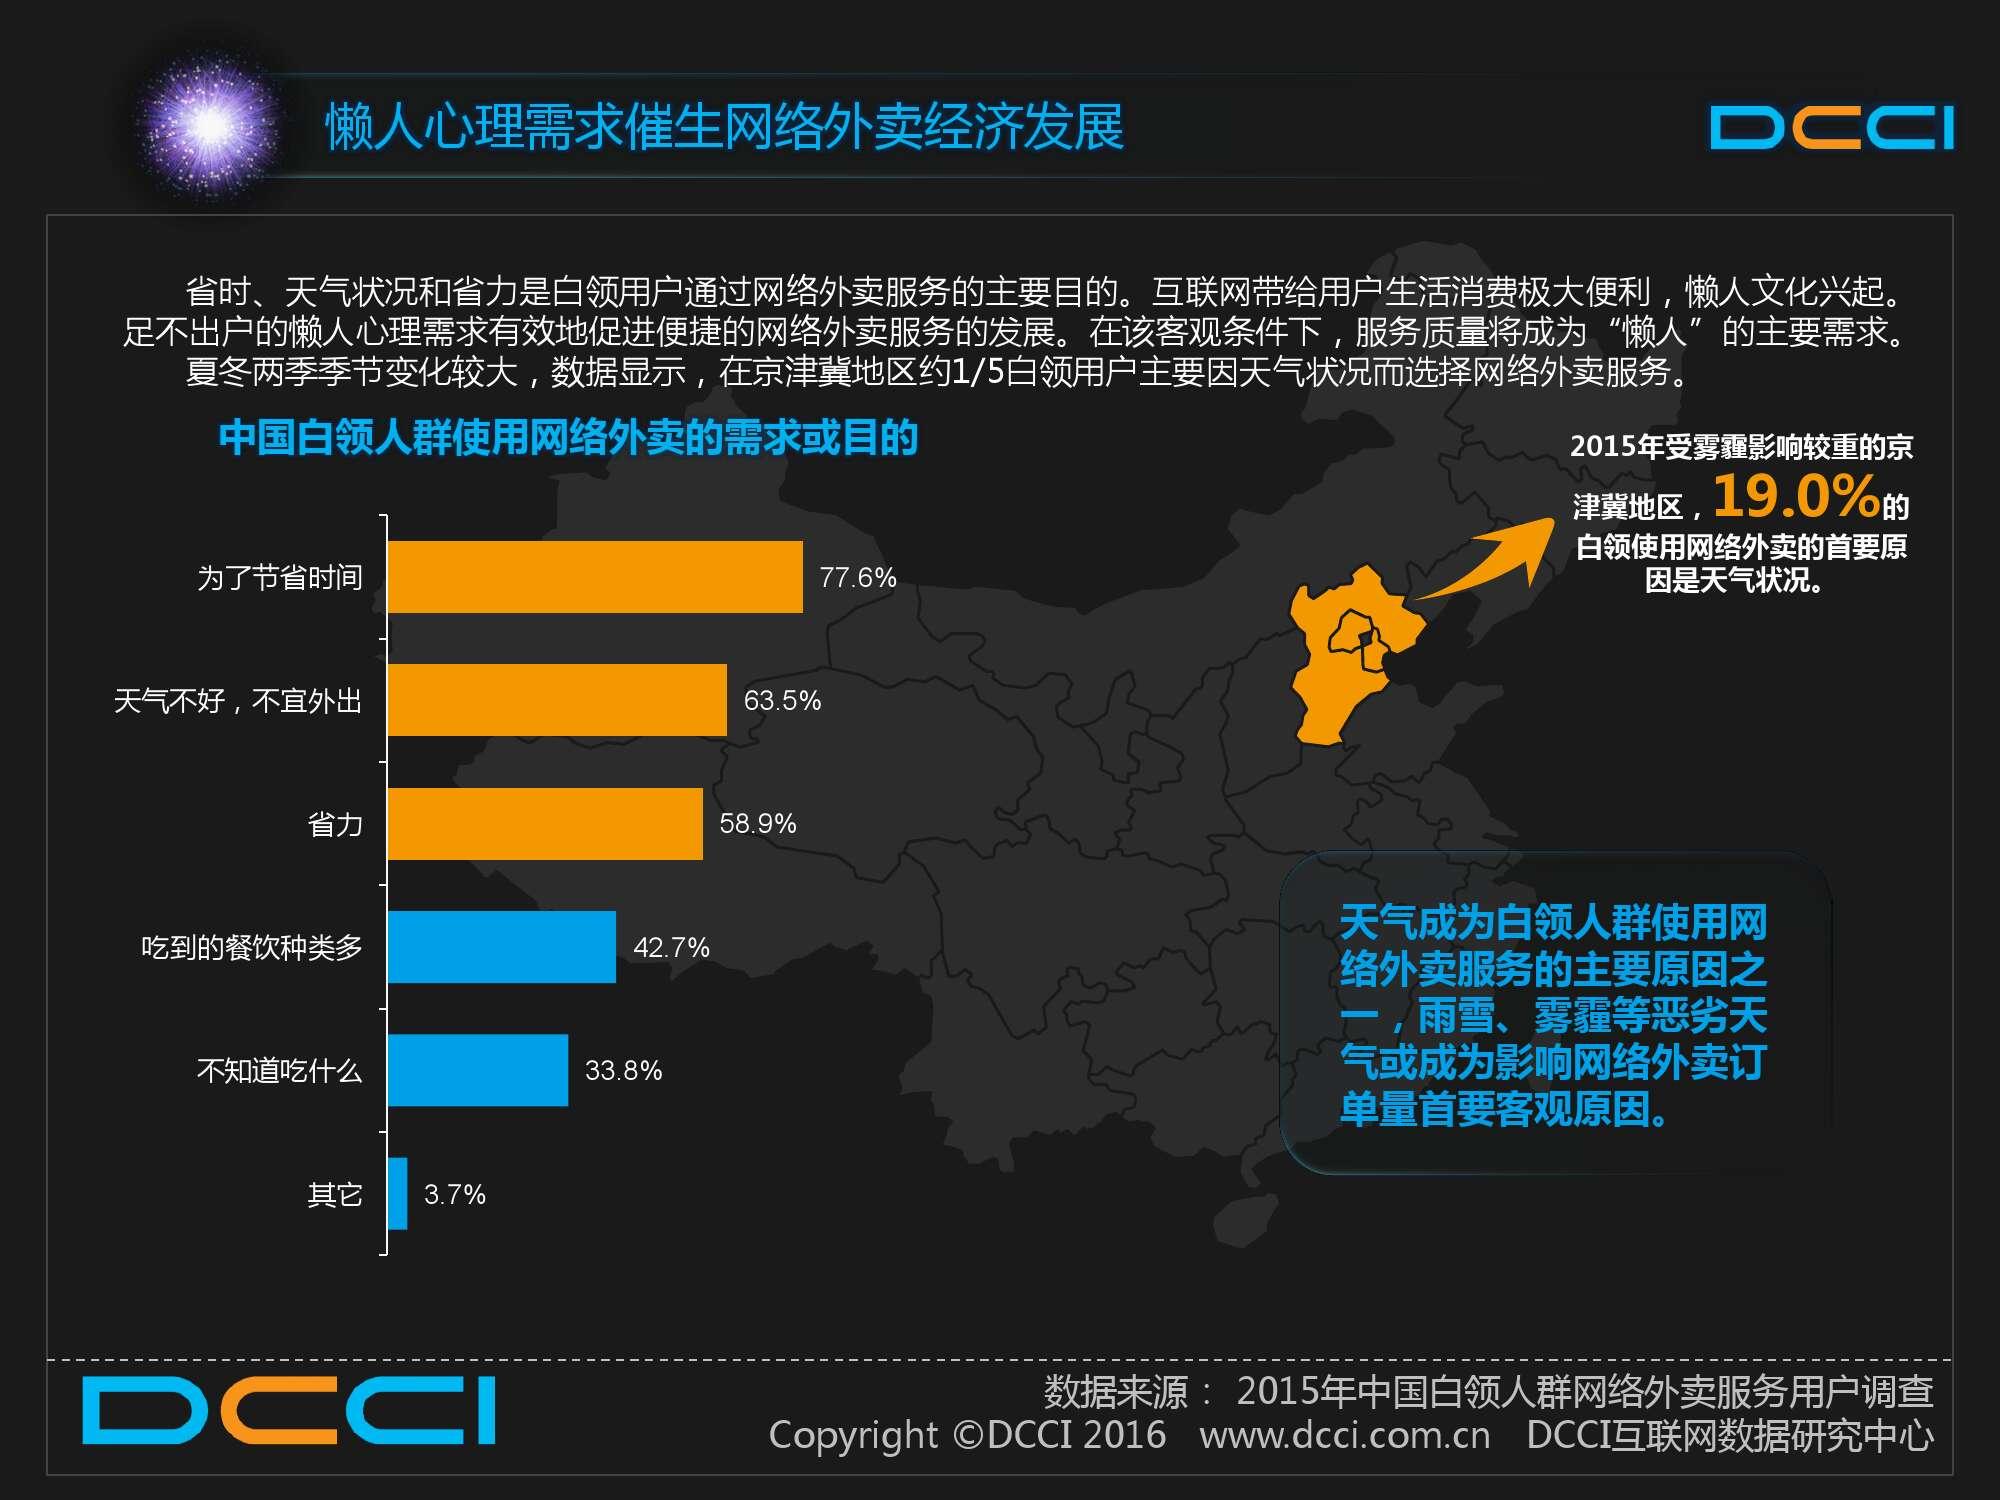 2015中国白领人群网络外卖服务研究报告_000018